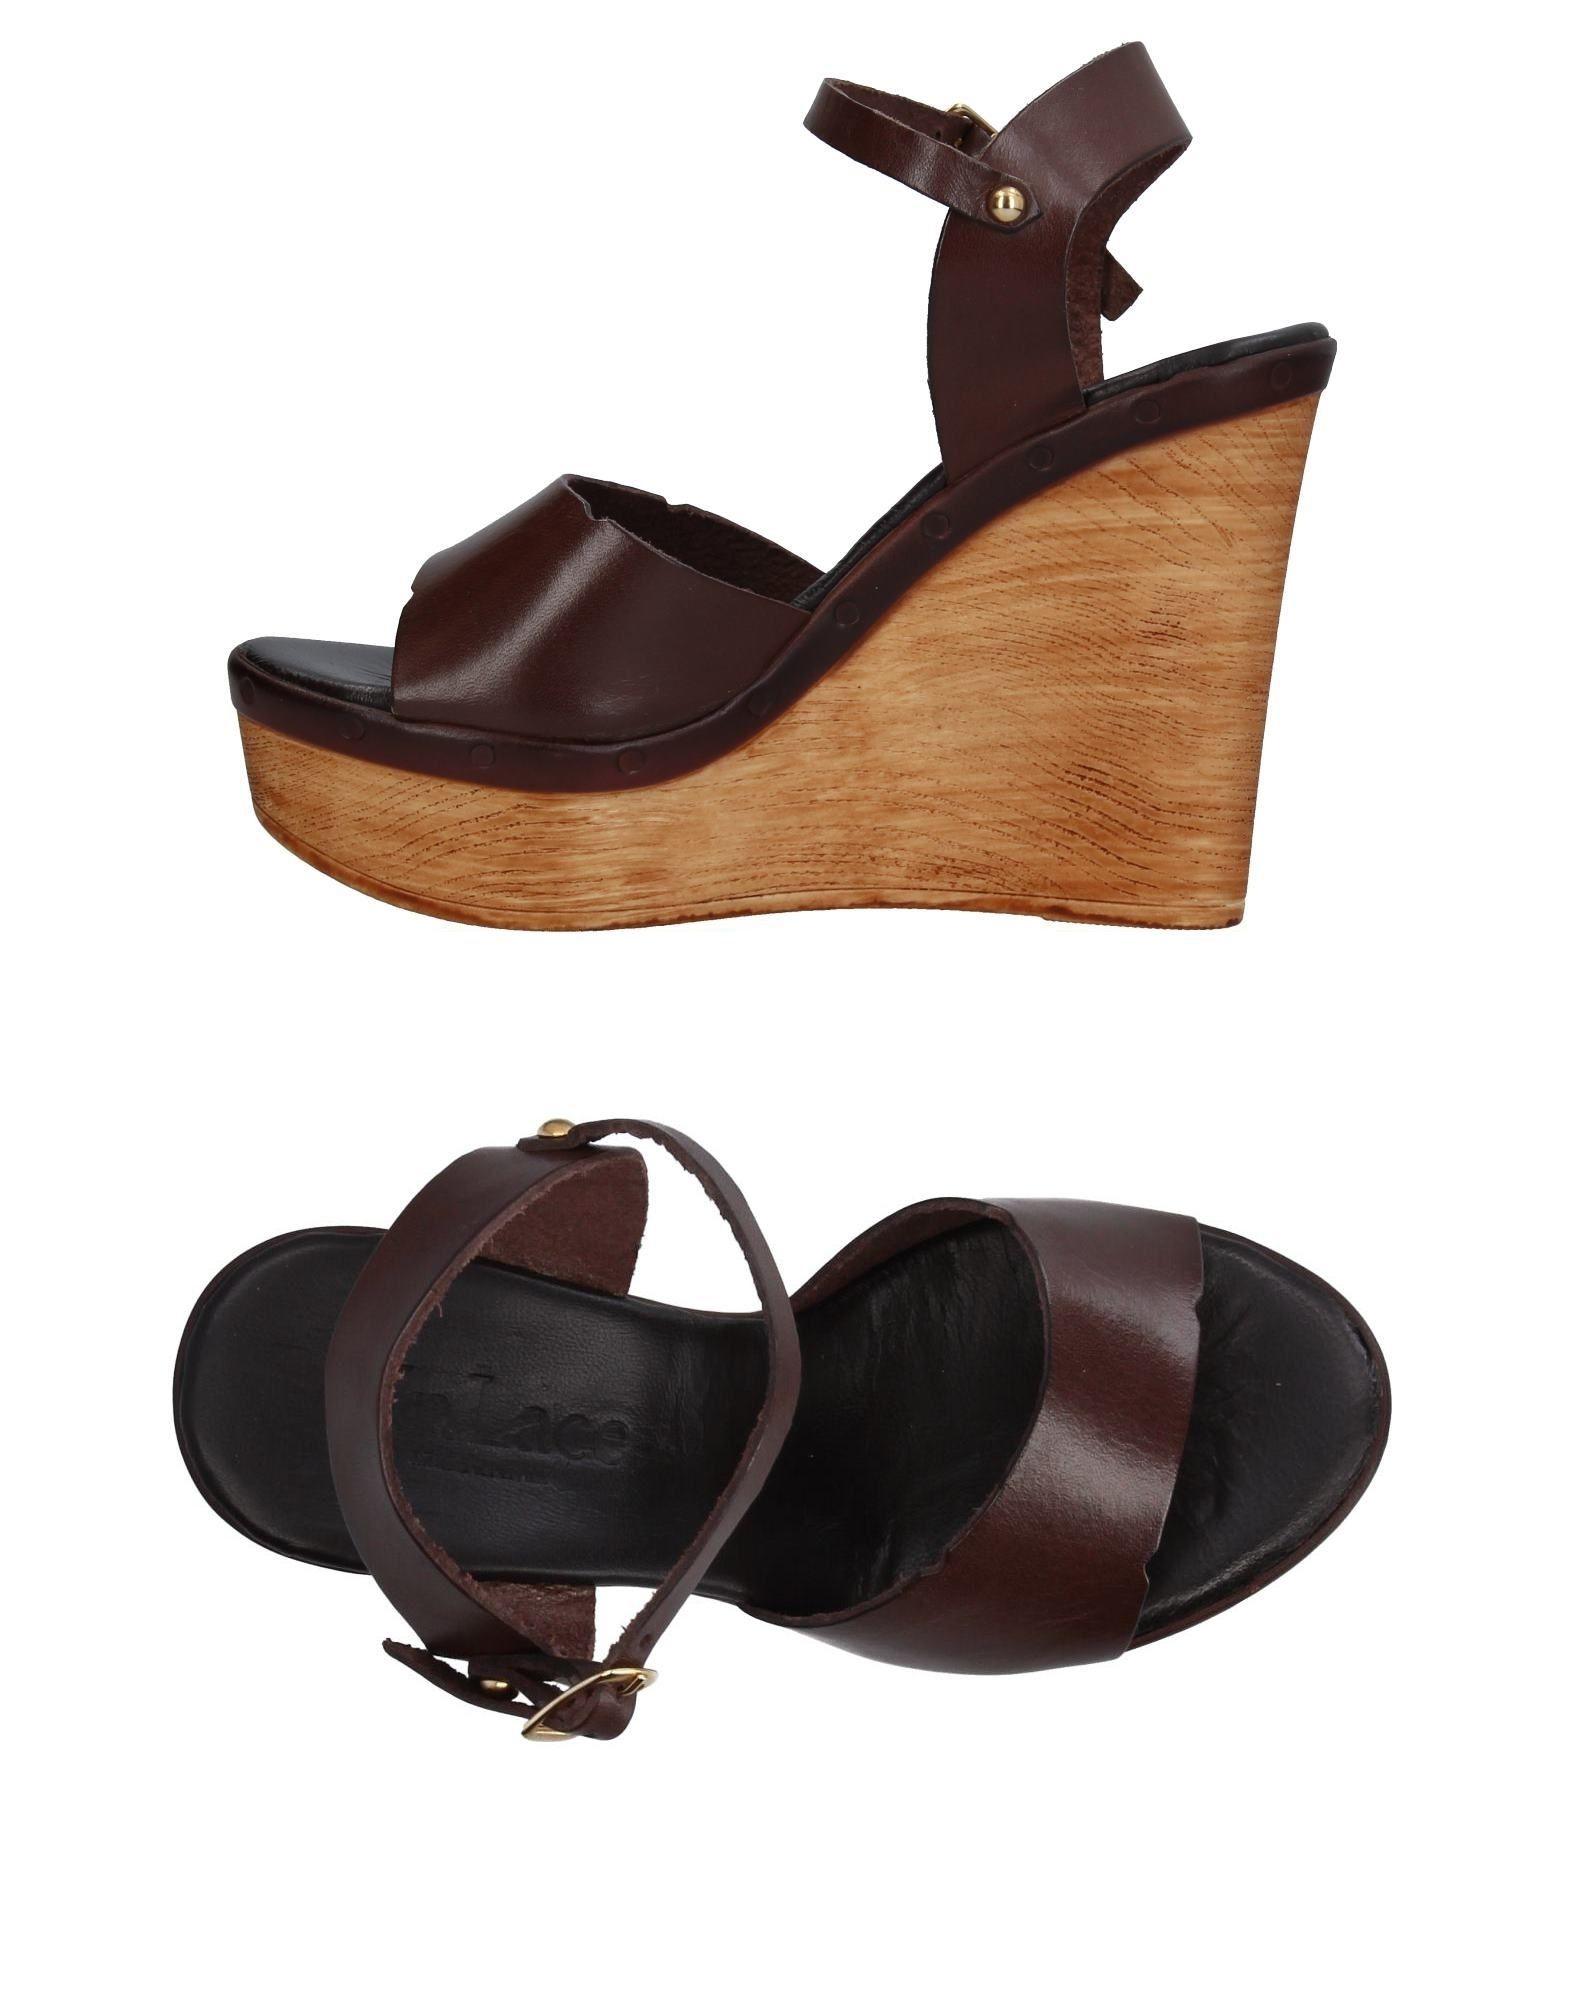 Sandali Unlace Donna - 11374353KN Scarpe economiche e buone